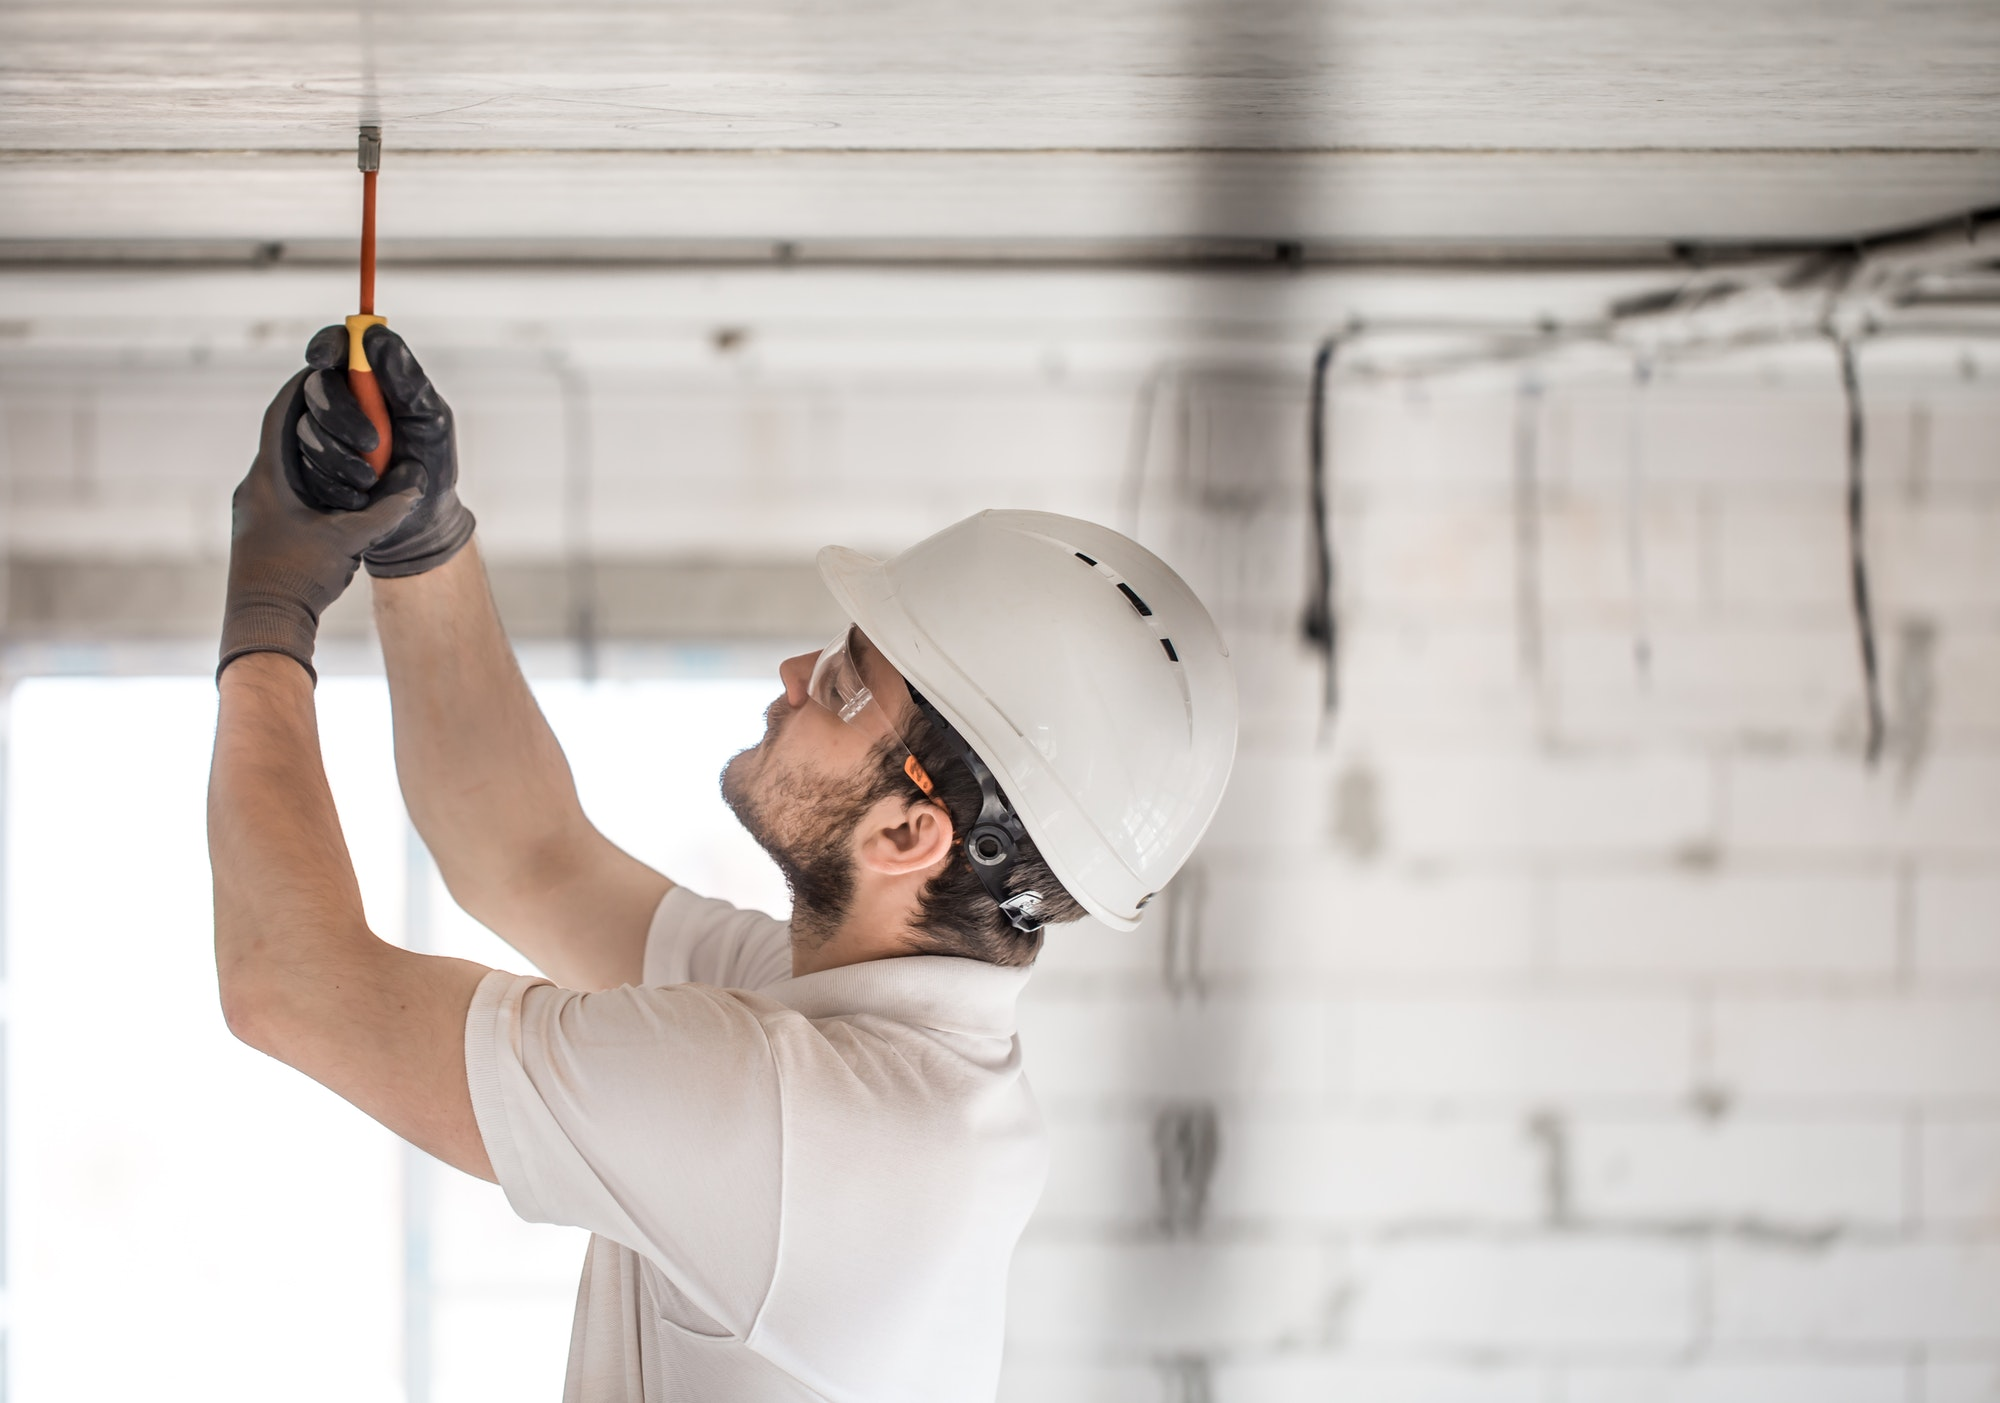 Vi hos Amagers Elektriker udfører alt indenfor el og el-service med elektriker døgnvagt lørdag, søndag og i weekenden, vores almindeligste ydelser er;